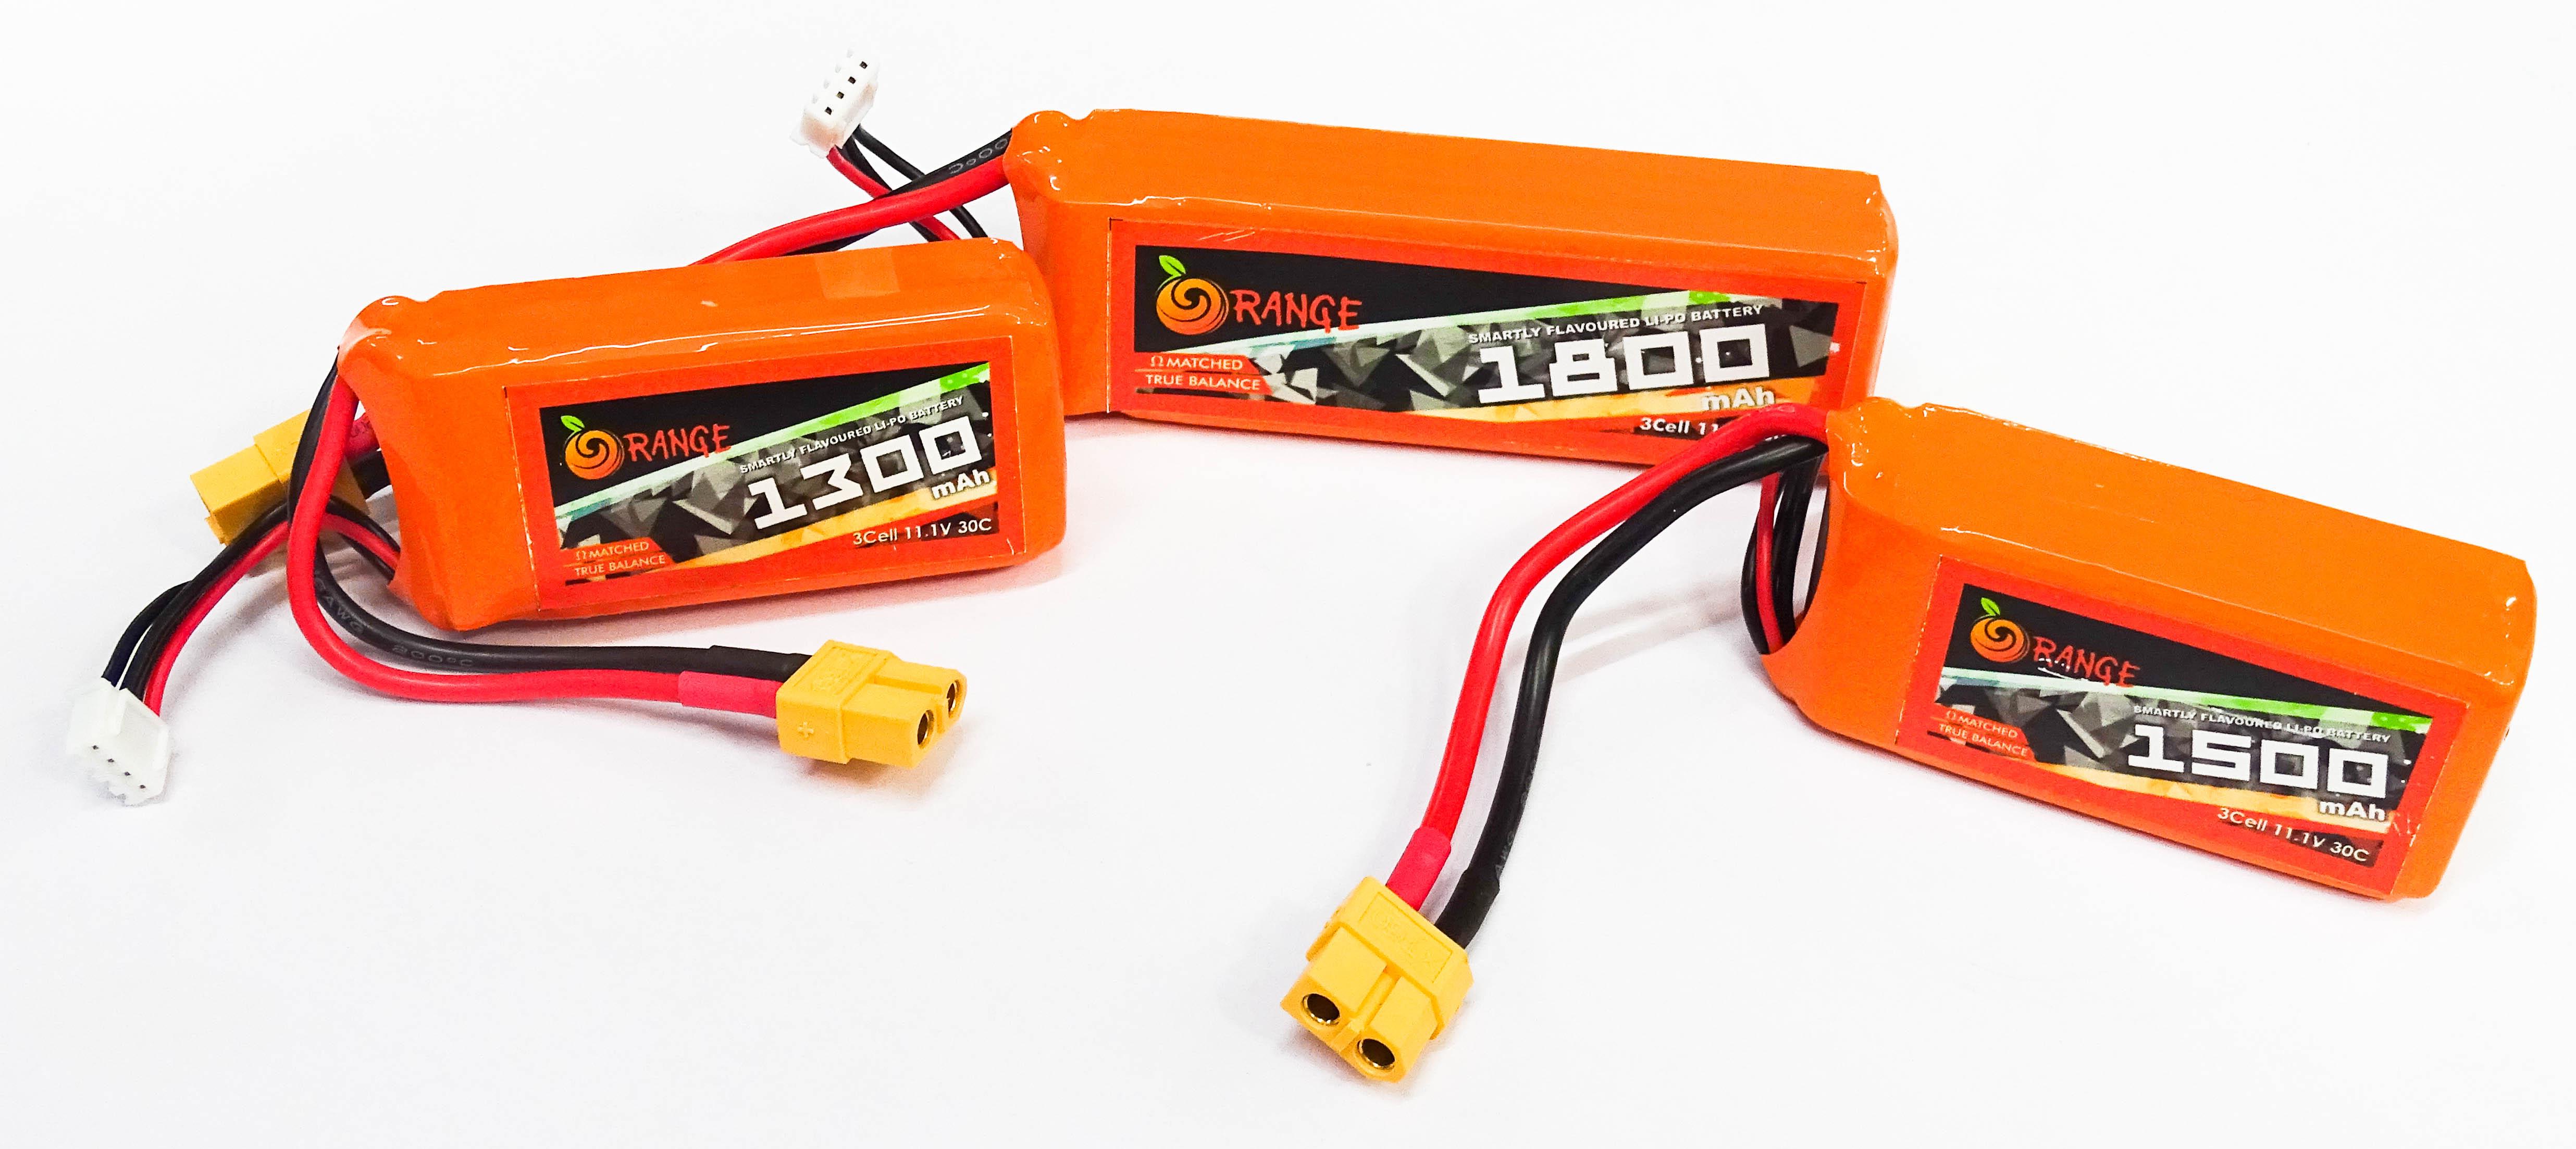 ORANGE 1800mAh 3S 30C (11.1 v) Lithium Polymer Battery Pack (LiPo)